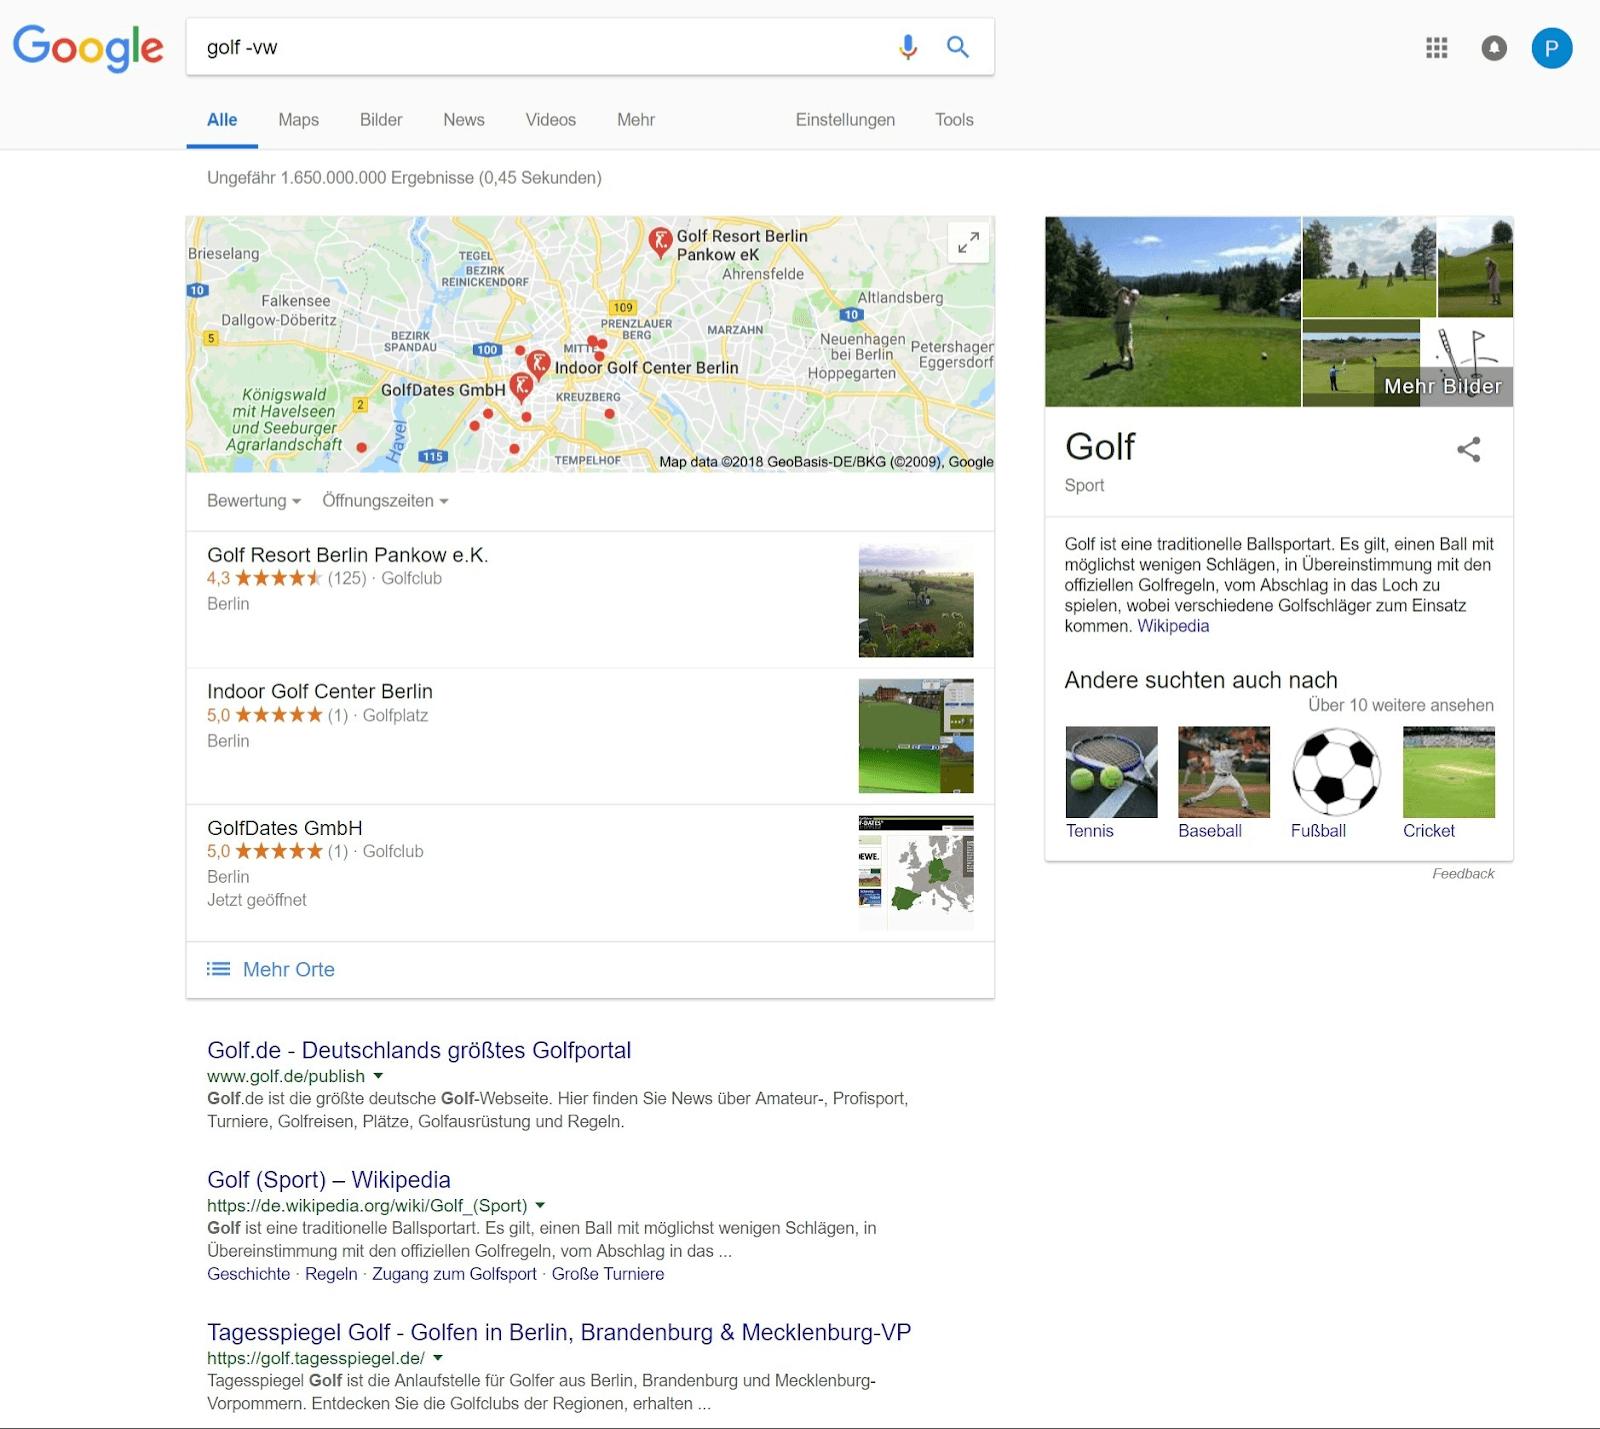 ausschliessende-suche suchbefehle inurl Google